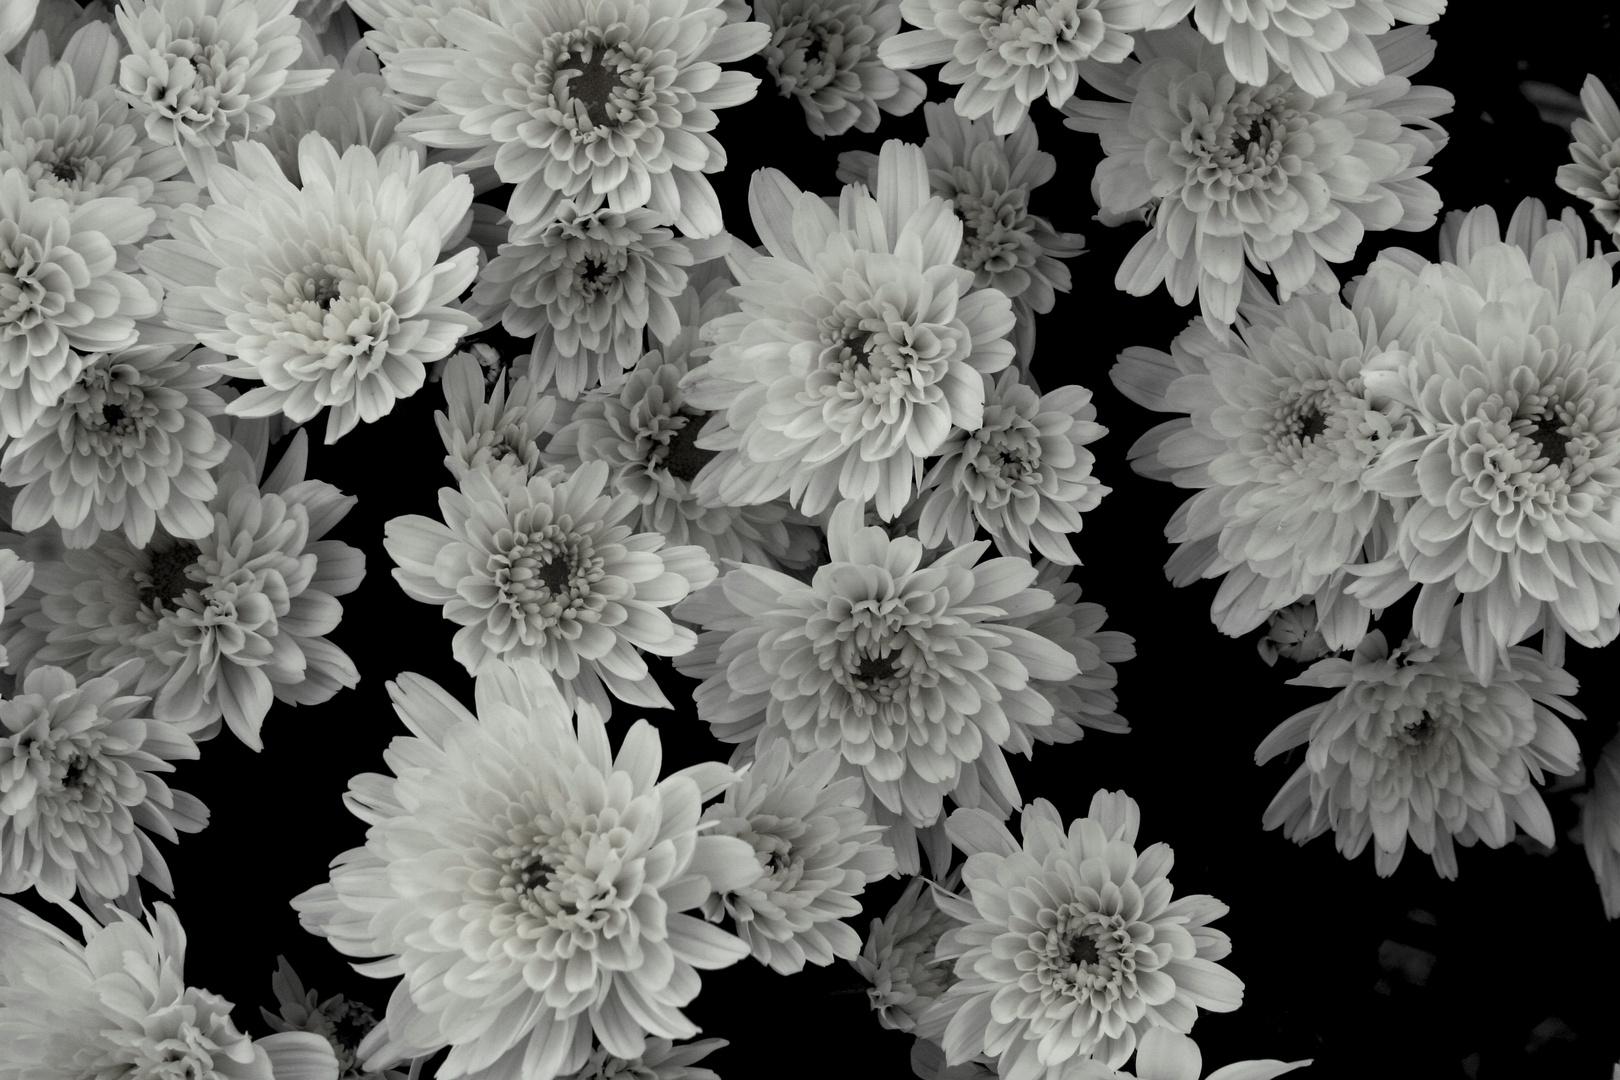 Fiore in bianco e nero foto immagini piante fiori e for Foto hd bianco e nero